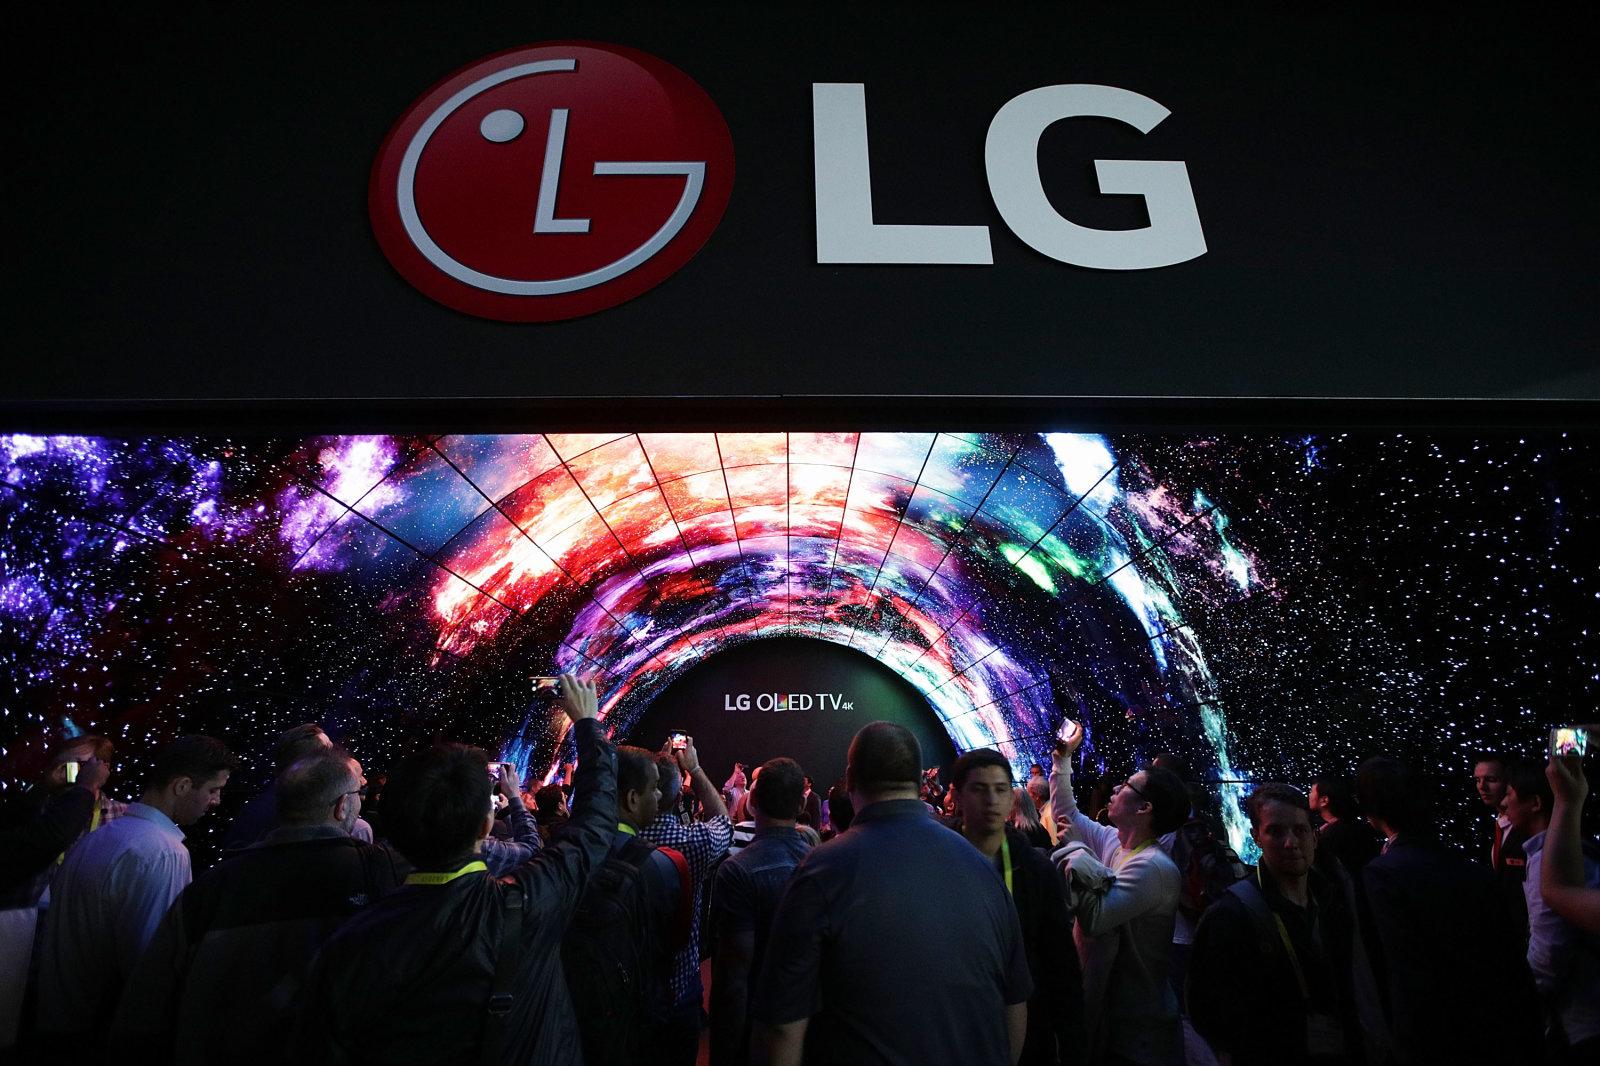 Sigue en vídeo y en directo la conferencia de LG en el CES 2018